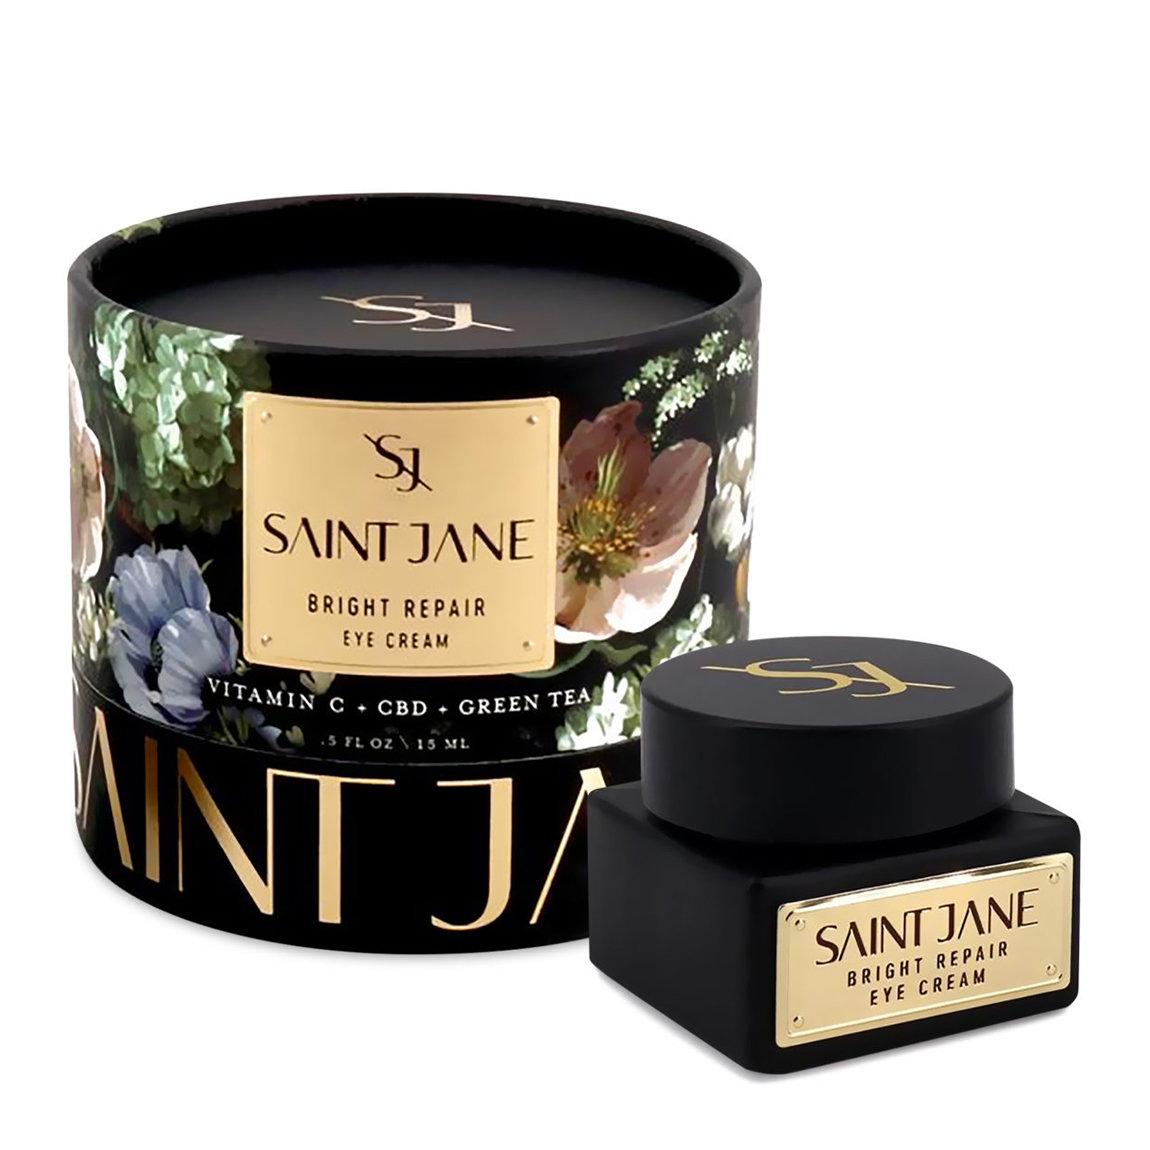 Saint Jane Beauty Bright Repair Eye Cream